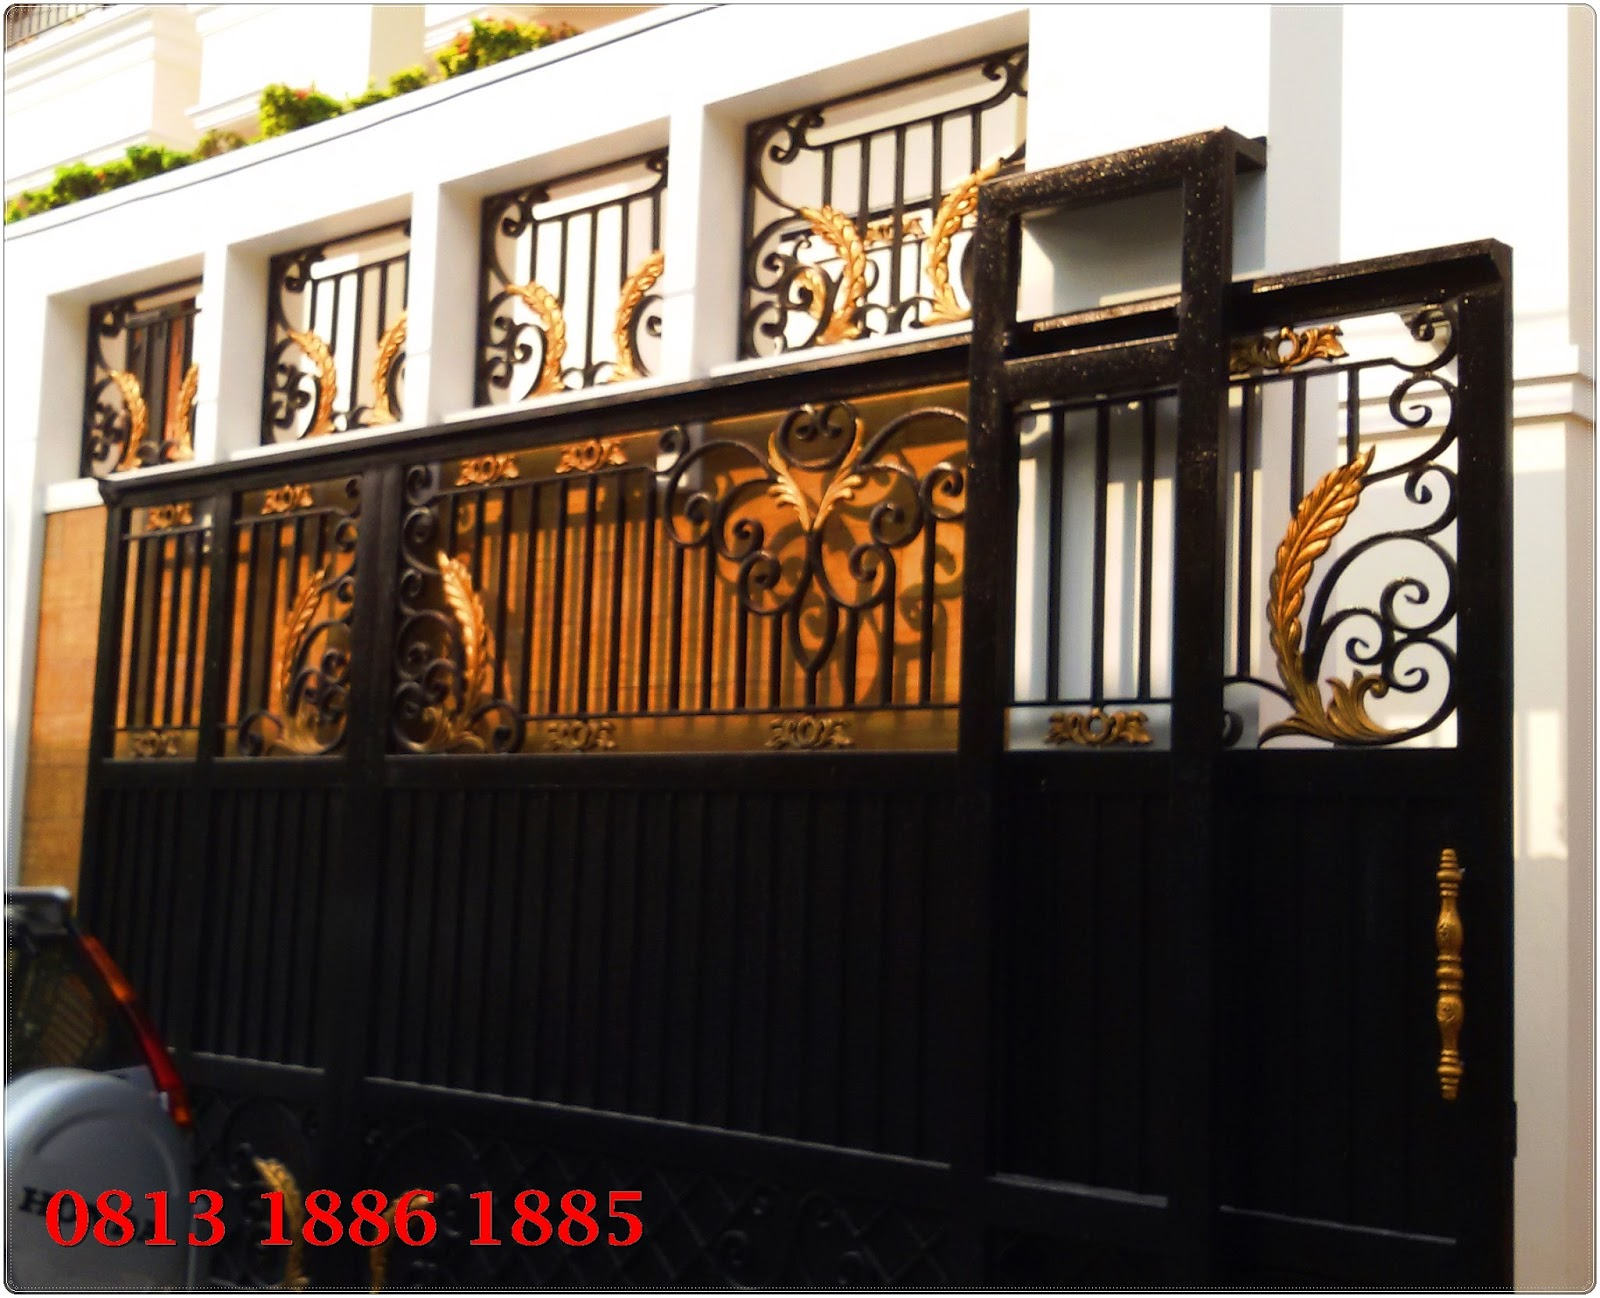 Mengerjakan Pintu Pagar Besi Tempa, Pembuatan Pagar Klasik, Pagar Klasik,  Reling Tangga Klasik,Pagar Mewah, Pagar Menon, Balkon Klasik & Ornamen  Alumunium Dll.